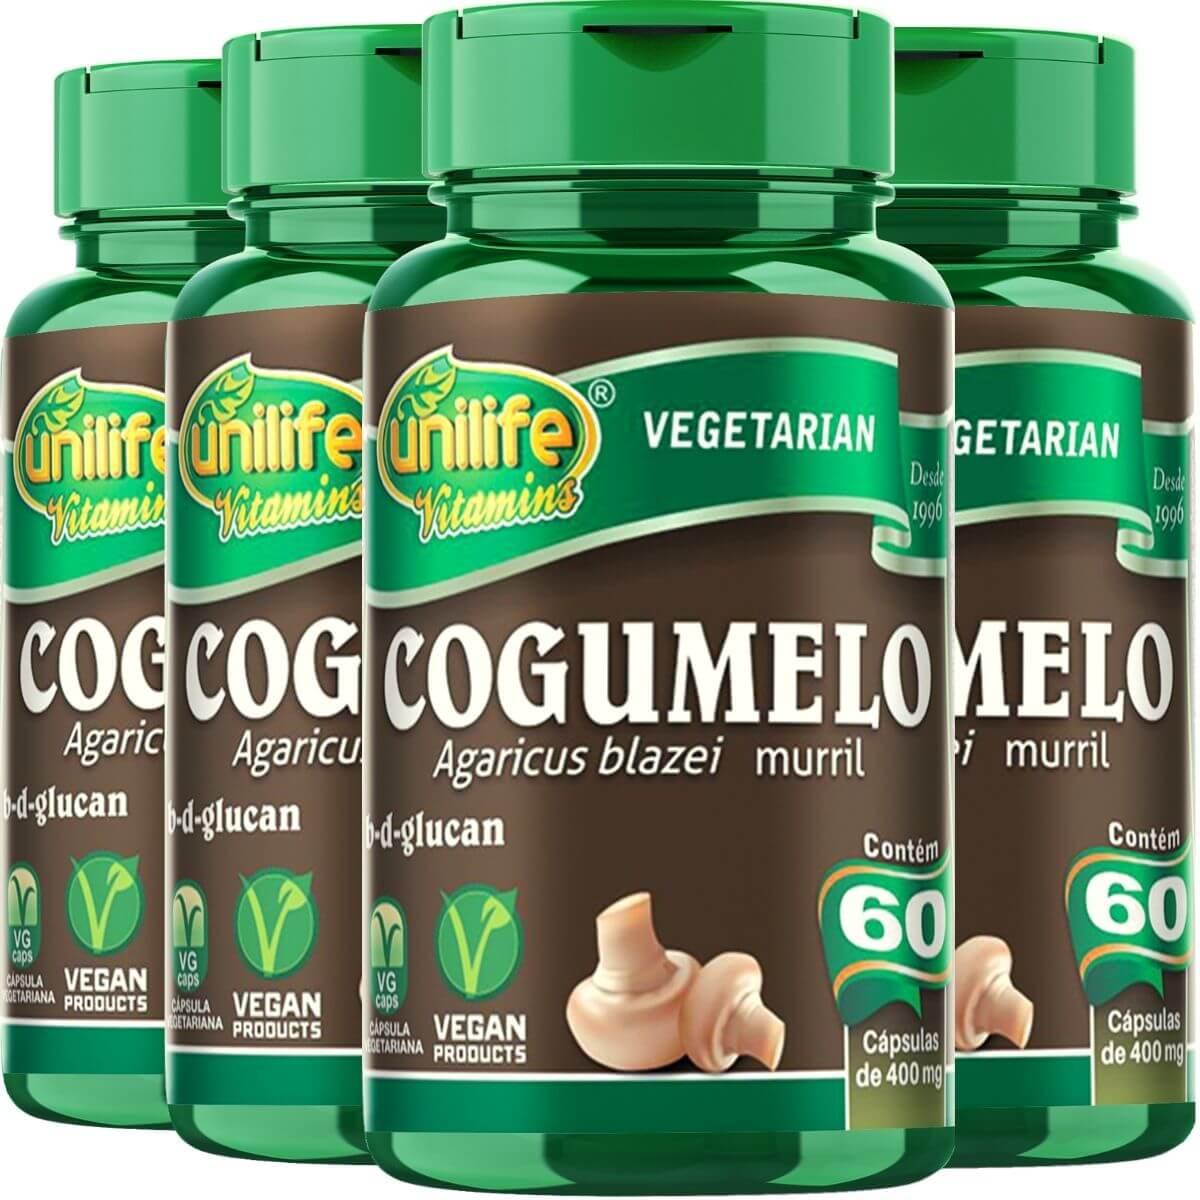 Kit 4 Cogumelo Agaricus Blazei Murril Unilife - 60 Cápsulas 400mg